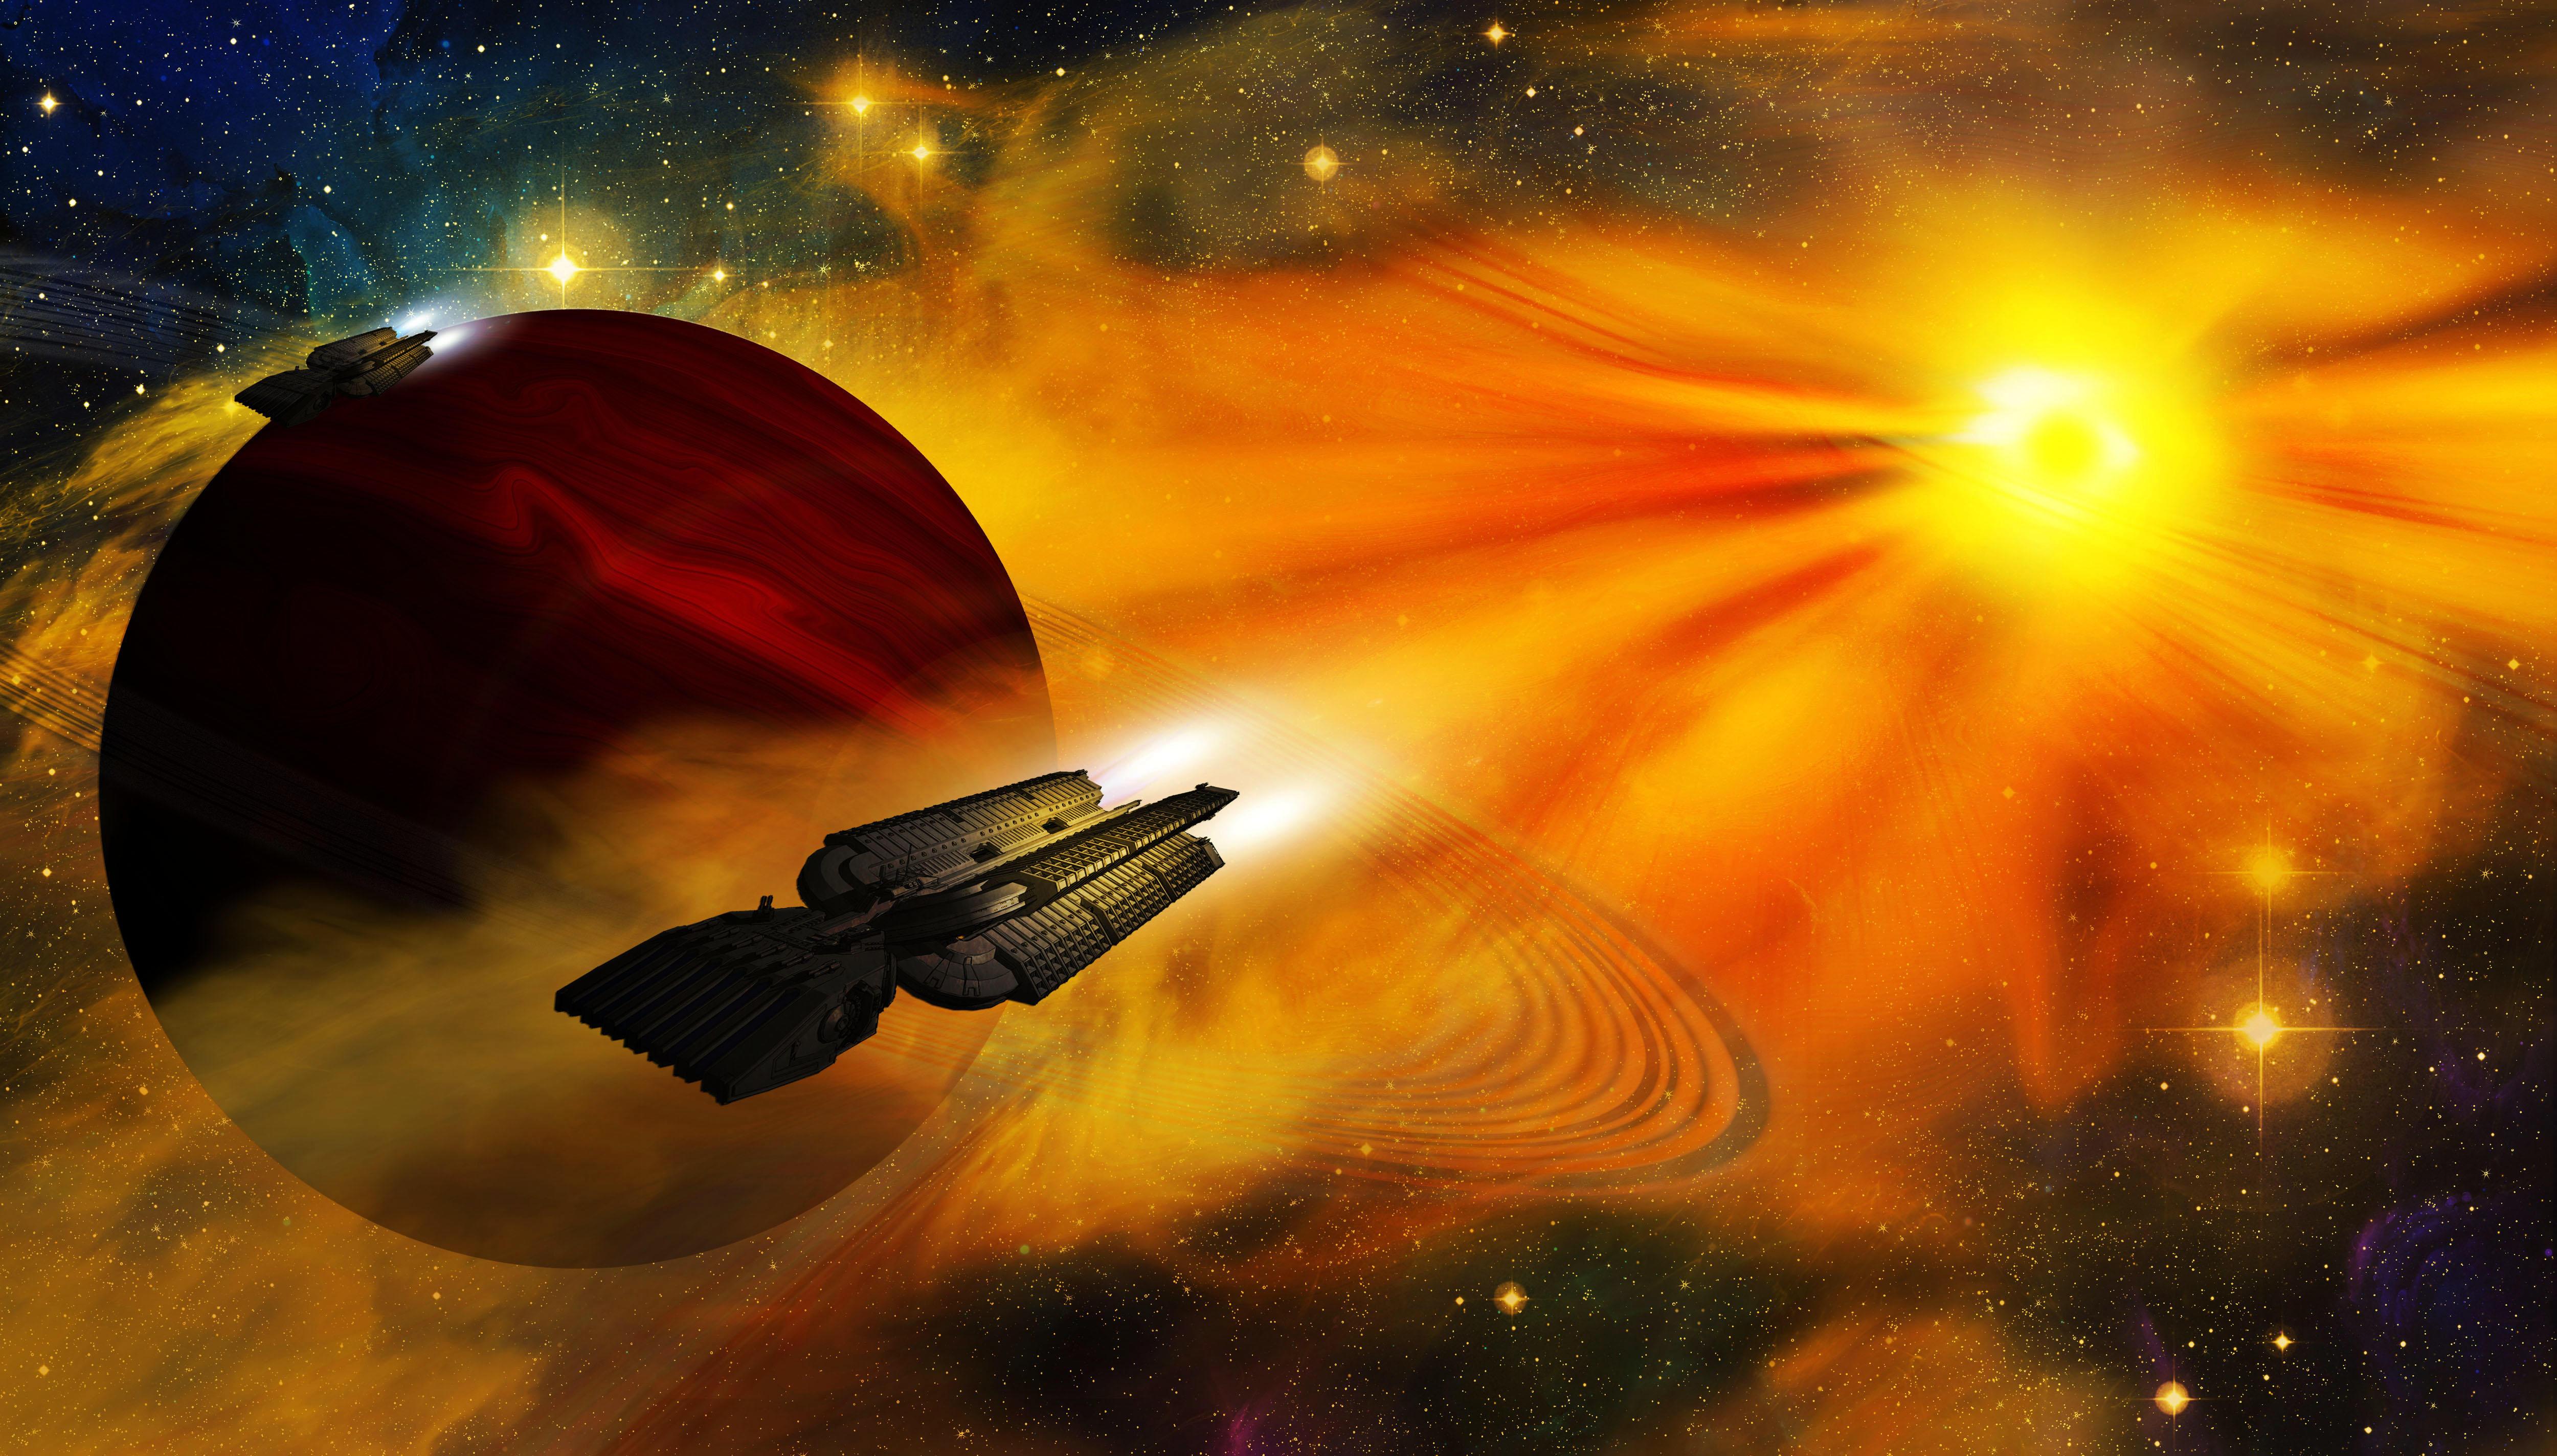 Обои Космос, планета, Необъятные просторы космоса, вселенная